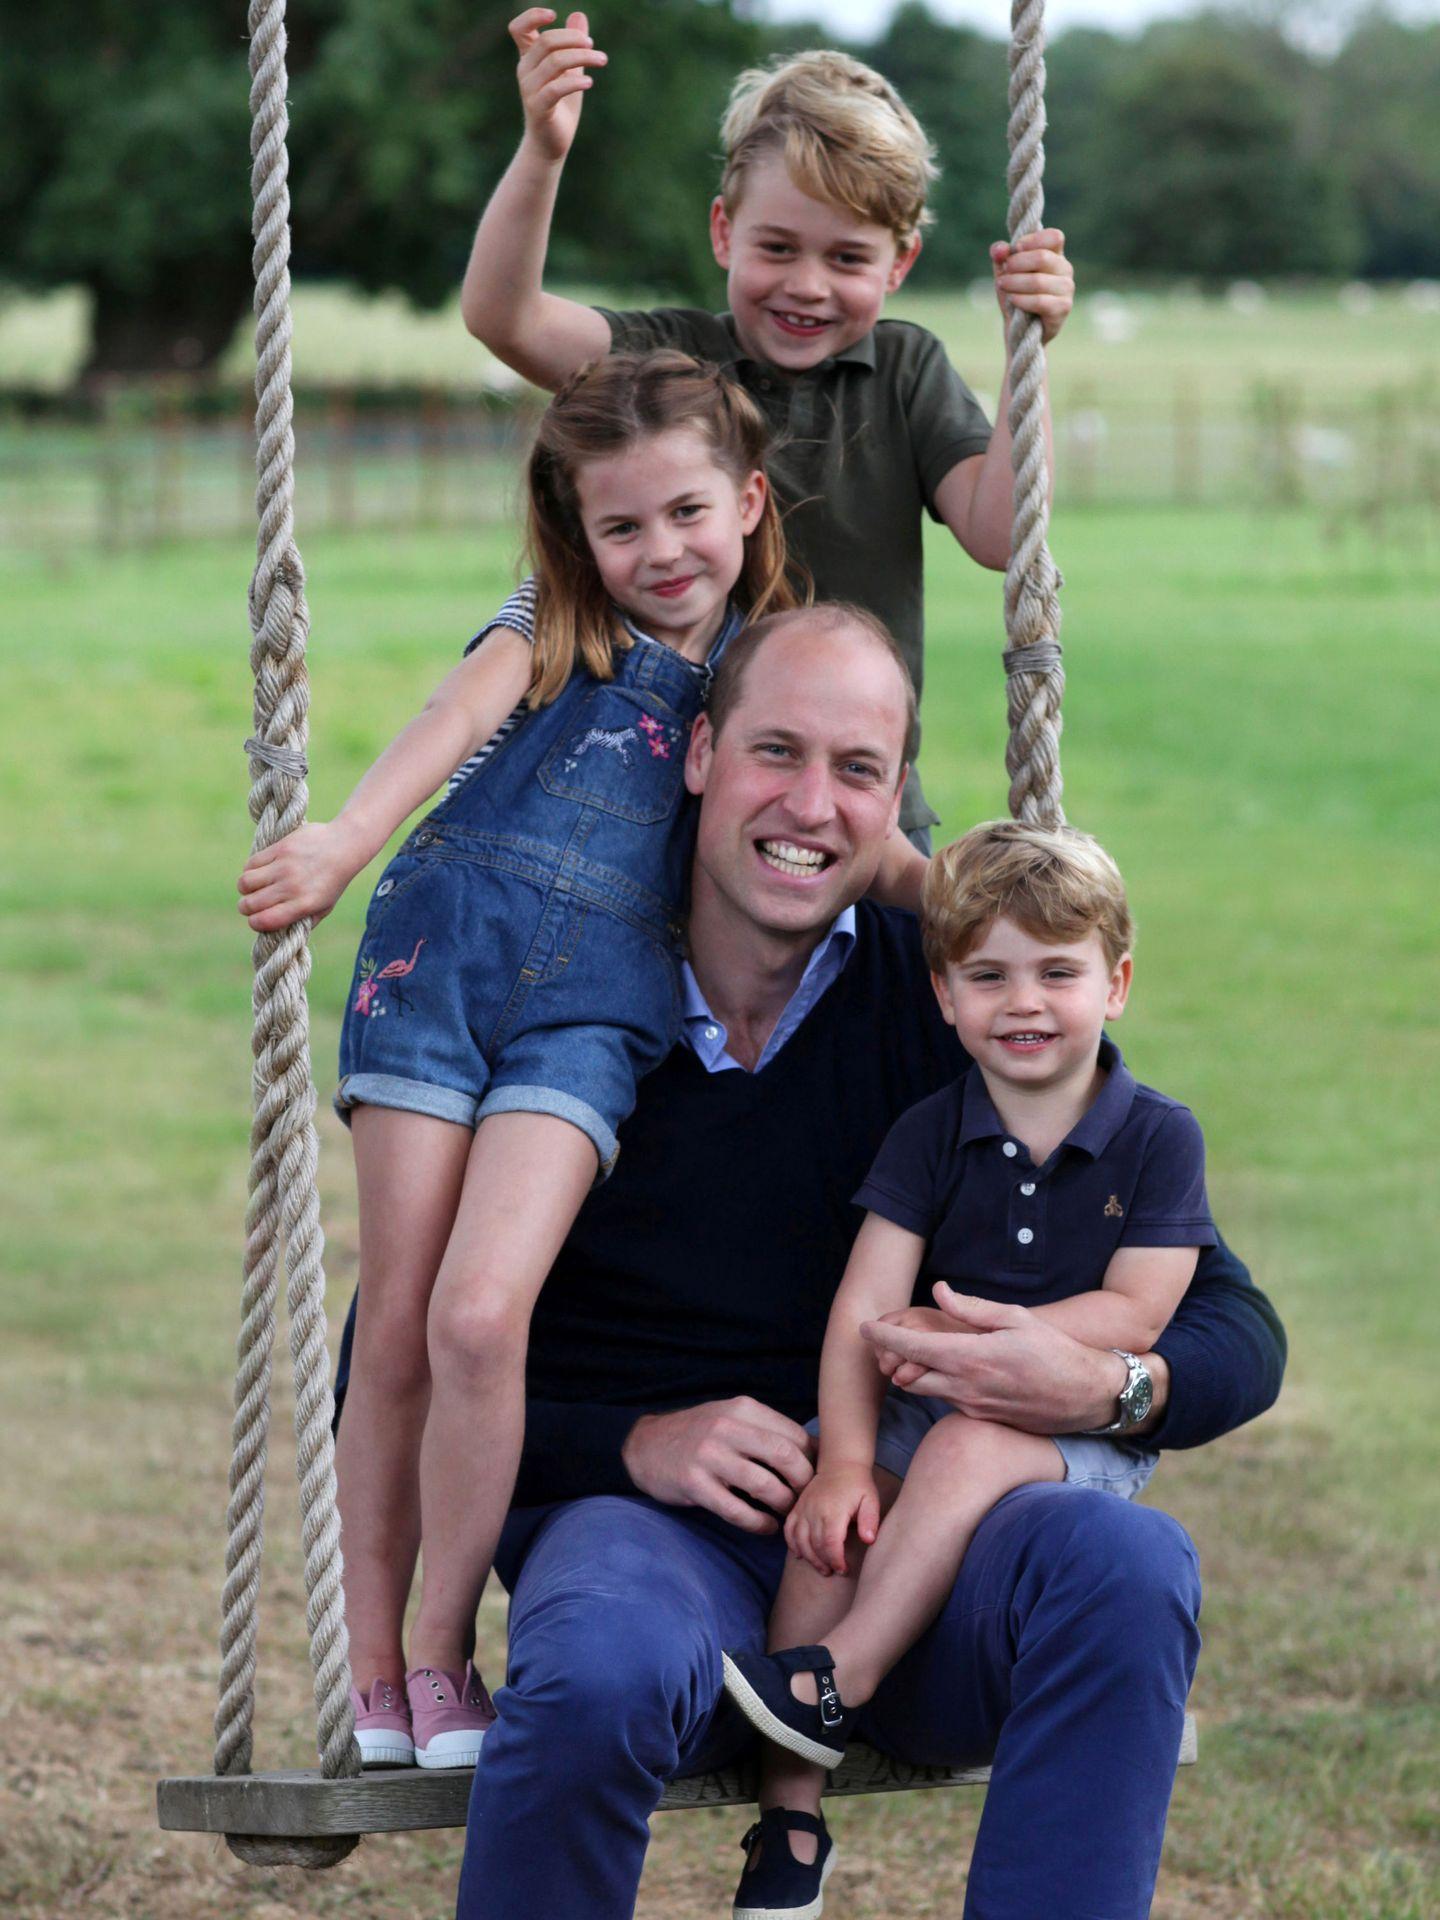 El príncipe Guillermo y sus tres hijos, en una foto realizada por Kate Middleton. (Palacio de Kensington)